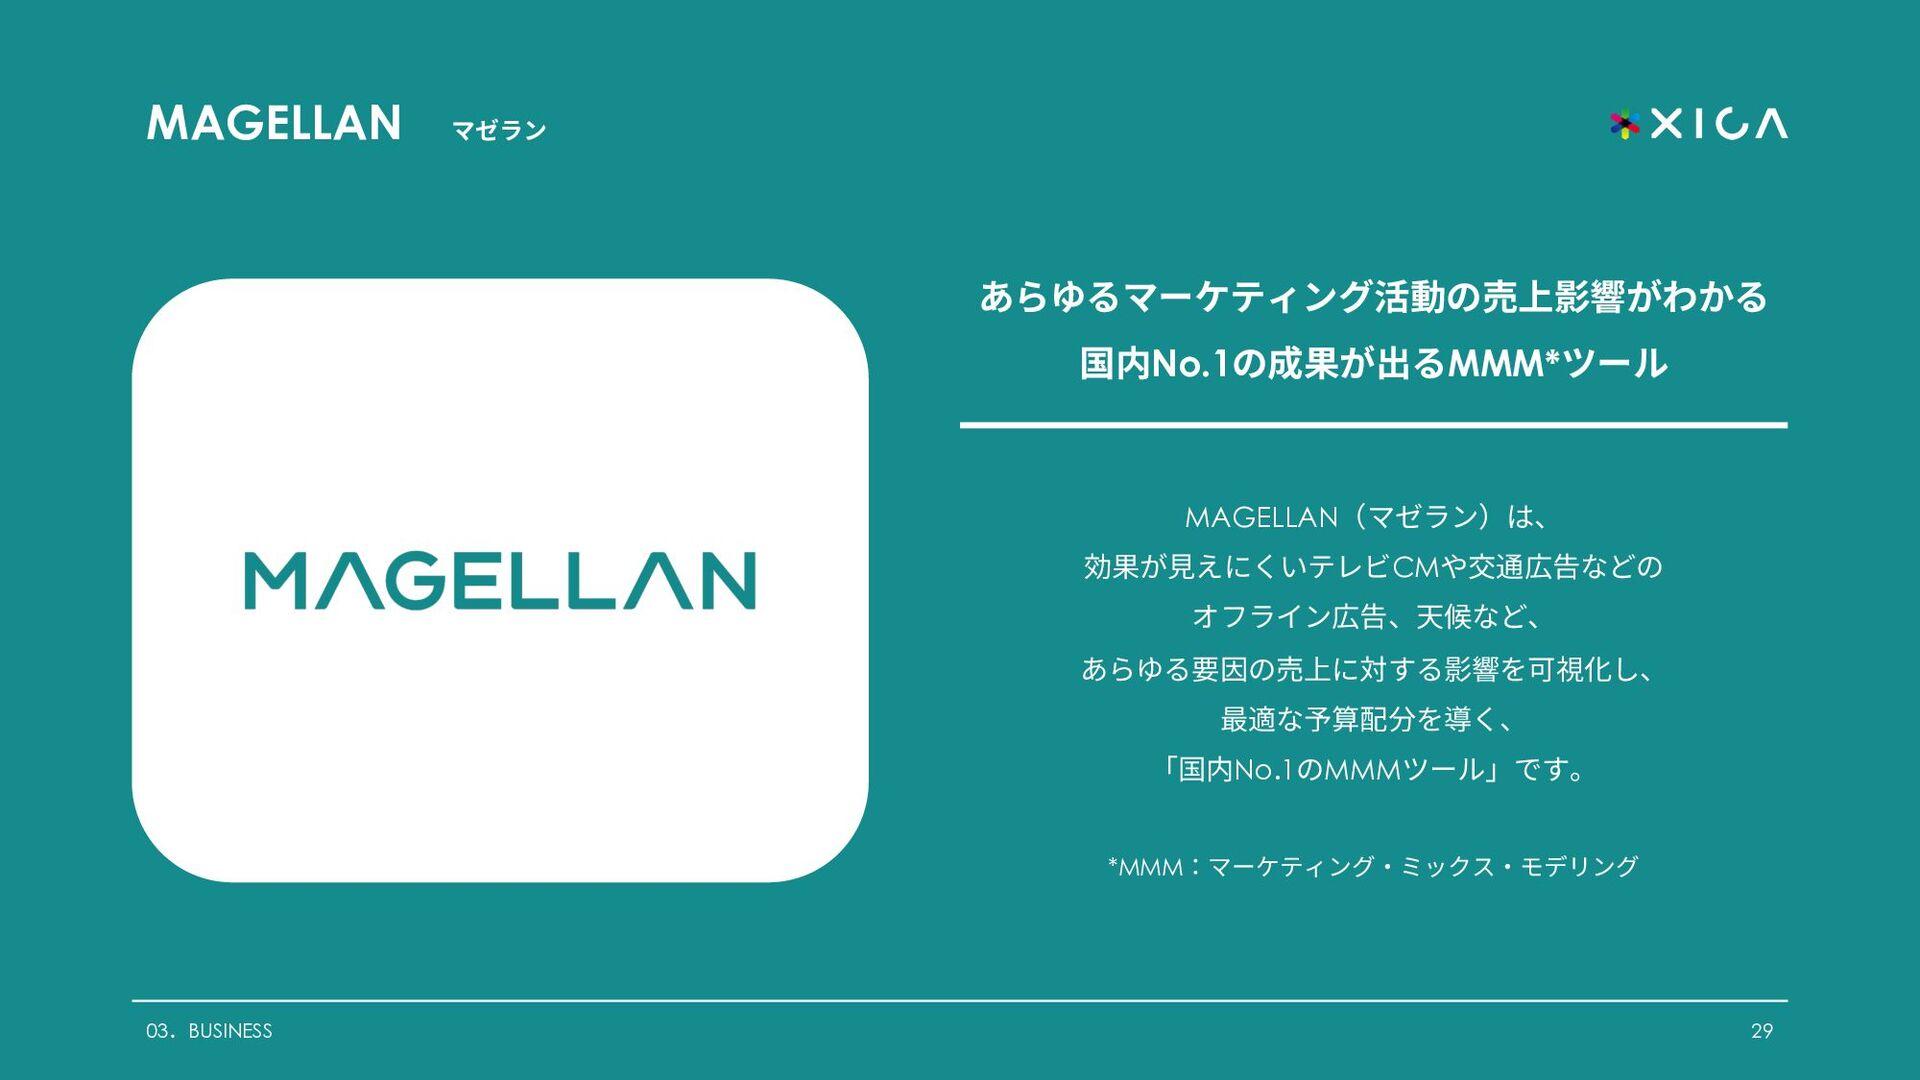 ADVA PLANNER アドバ プランナーとは︖ 29 03.BUSINESS データサイエ...